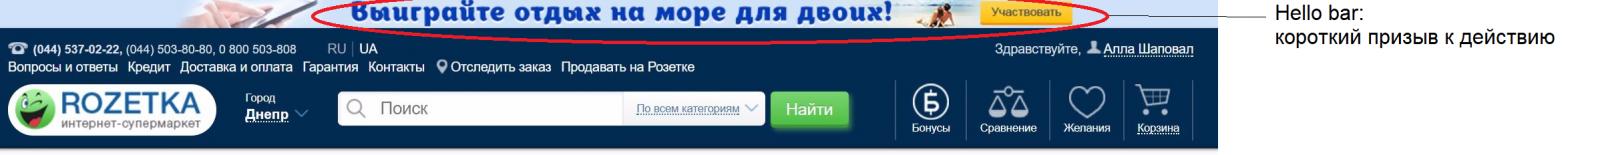 Пример Hello bar от Rozetka